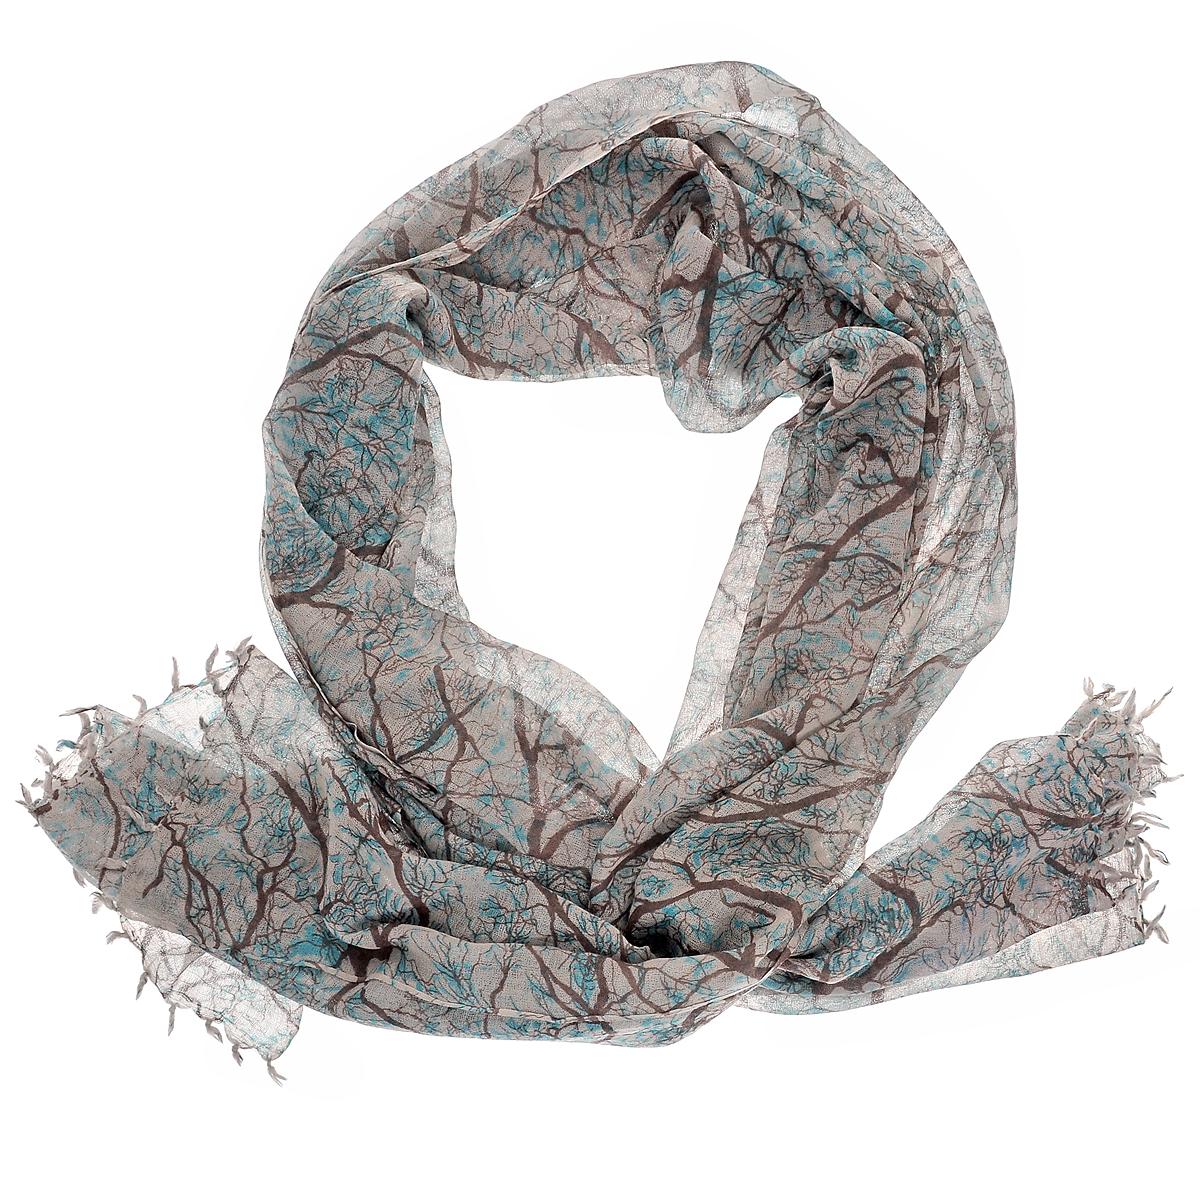 Палантин. W-TREE2W-TREE2/BLUEСтильный палантин Michel Katana согреет в холодное время года, а также станет изысканным аксессуаром, который призван подчеркнуть вашу индивидуальность и стиль. Палантин выполнен из шерсти и декорирован принтом с изображением деревьев. По краям изделие оформлено кистями.